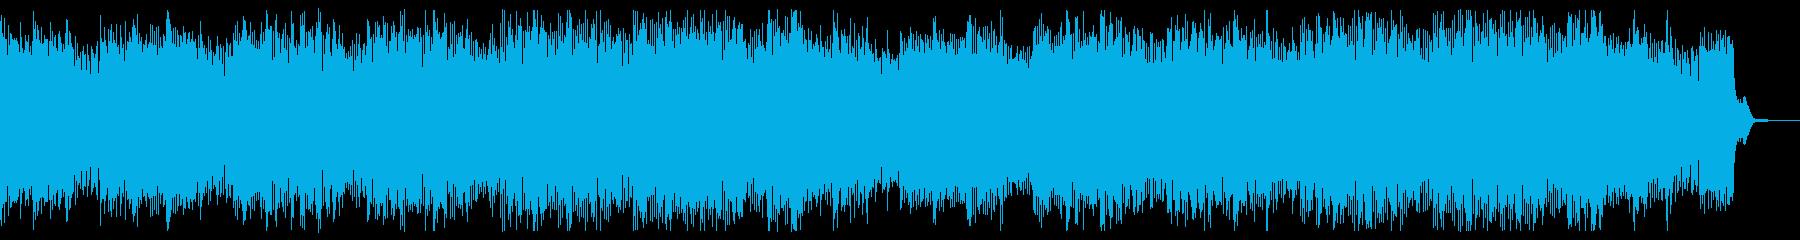 企業VP37 試行錯誤 コーポレートの再生済みの波形